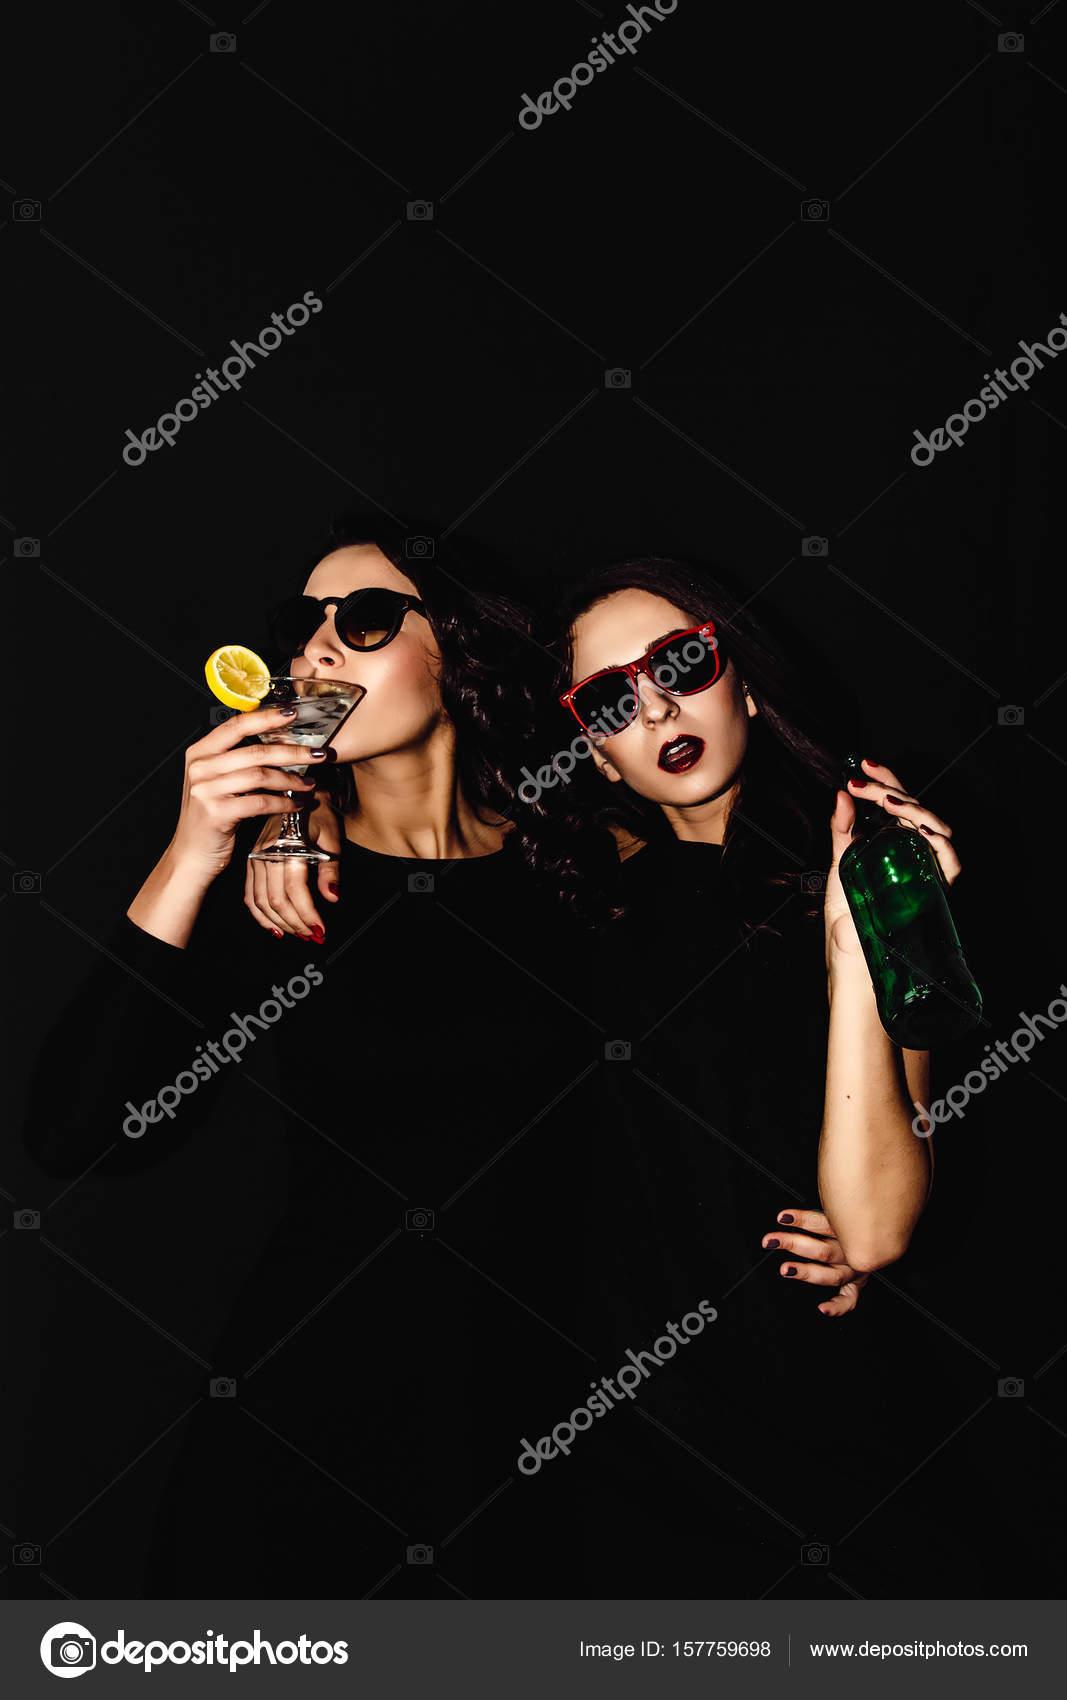 acc9b1f81b Due belle donne nero notte moda vestito in posa isolato su sfondo ...